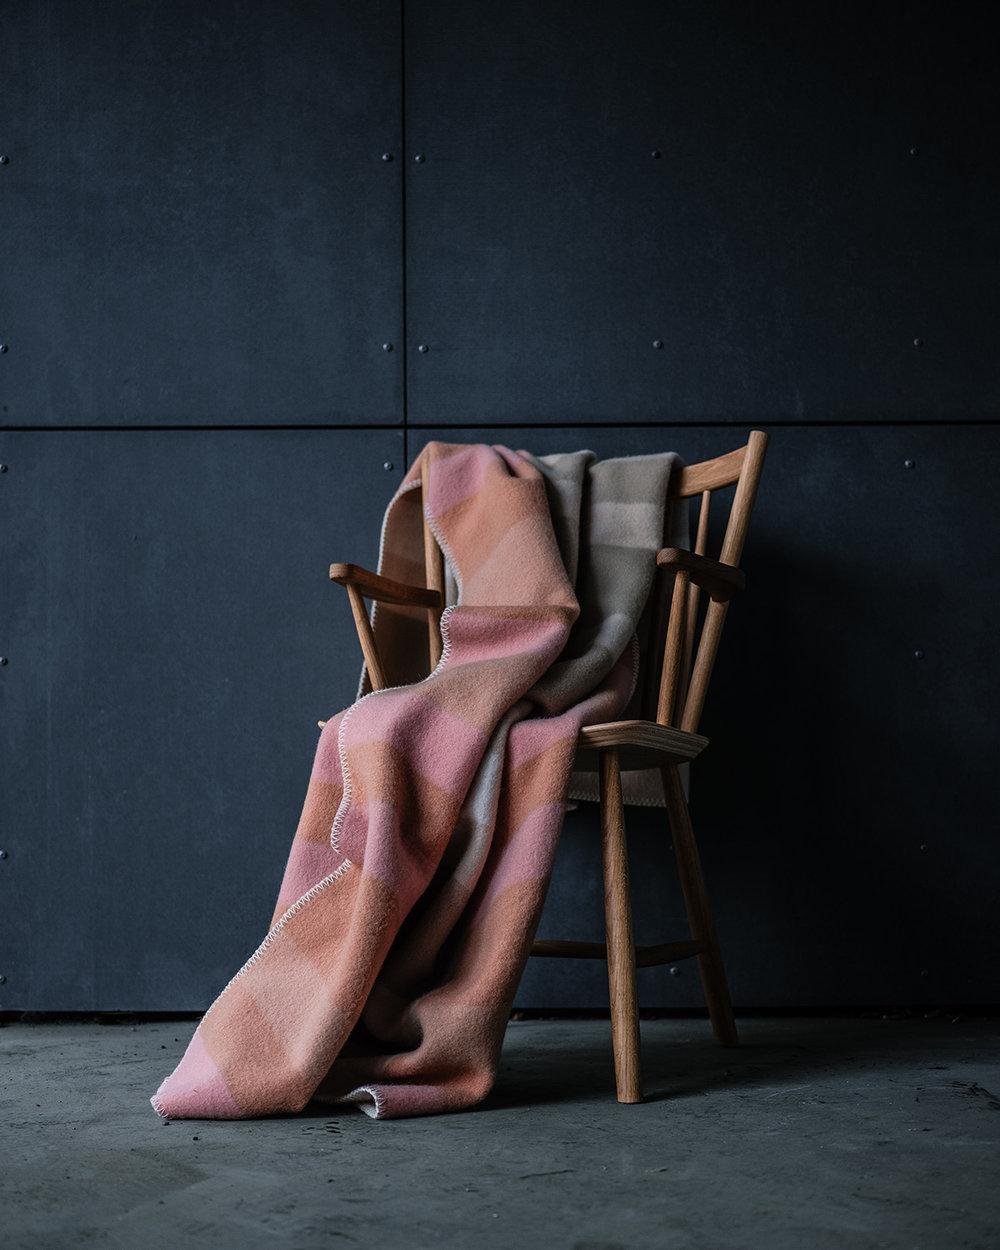 Røros pledd produktfoto mats dreyer fotograf stylist